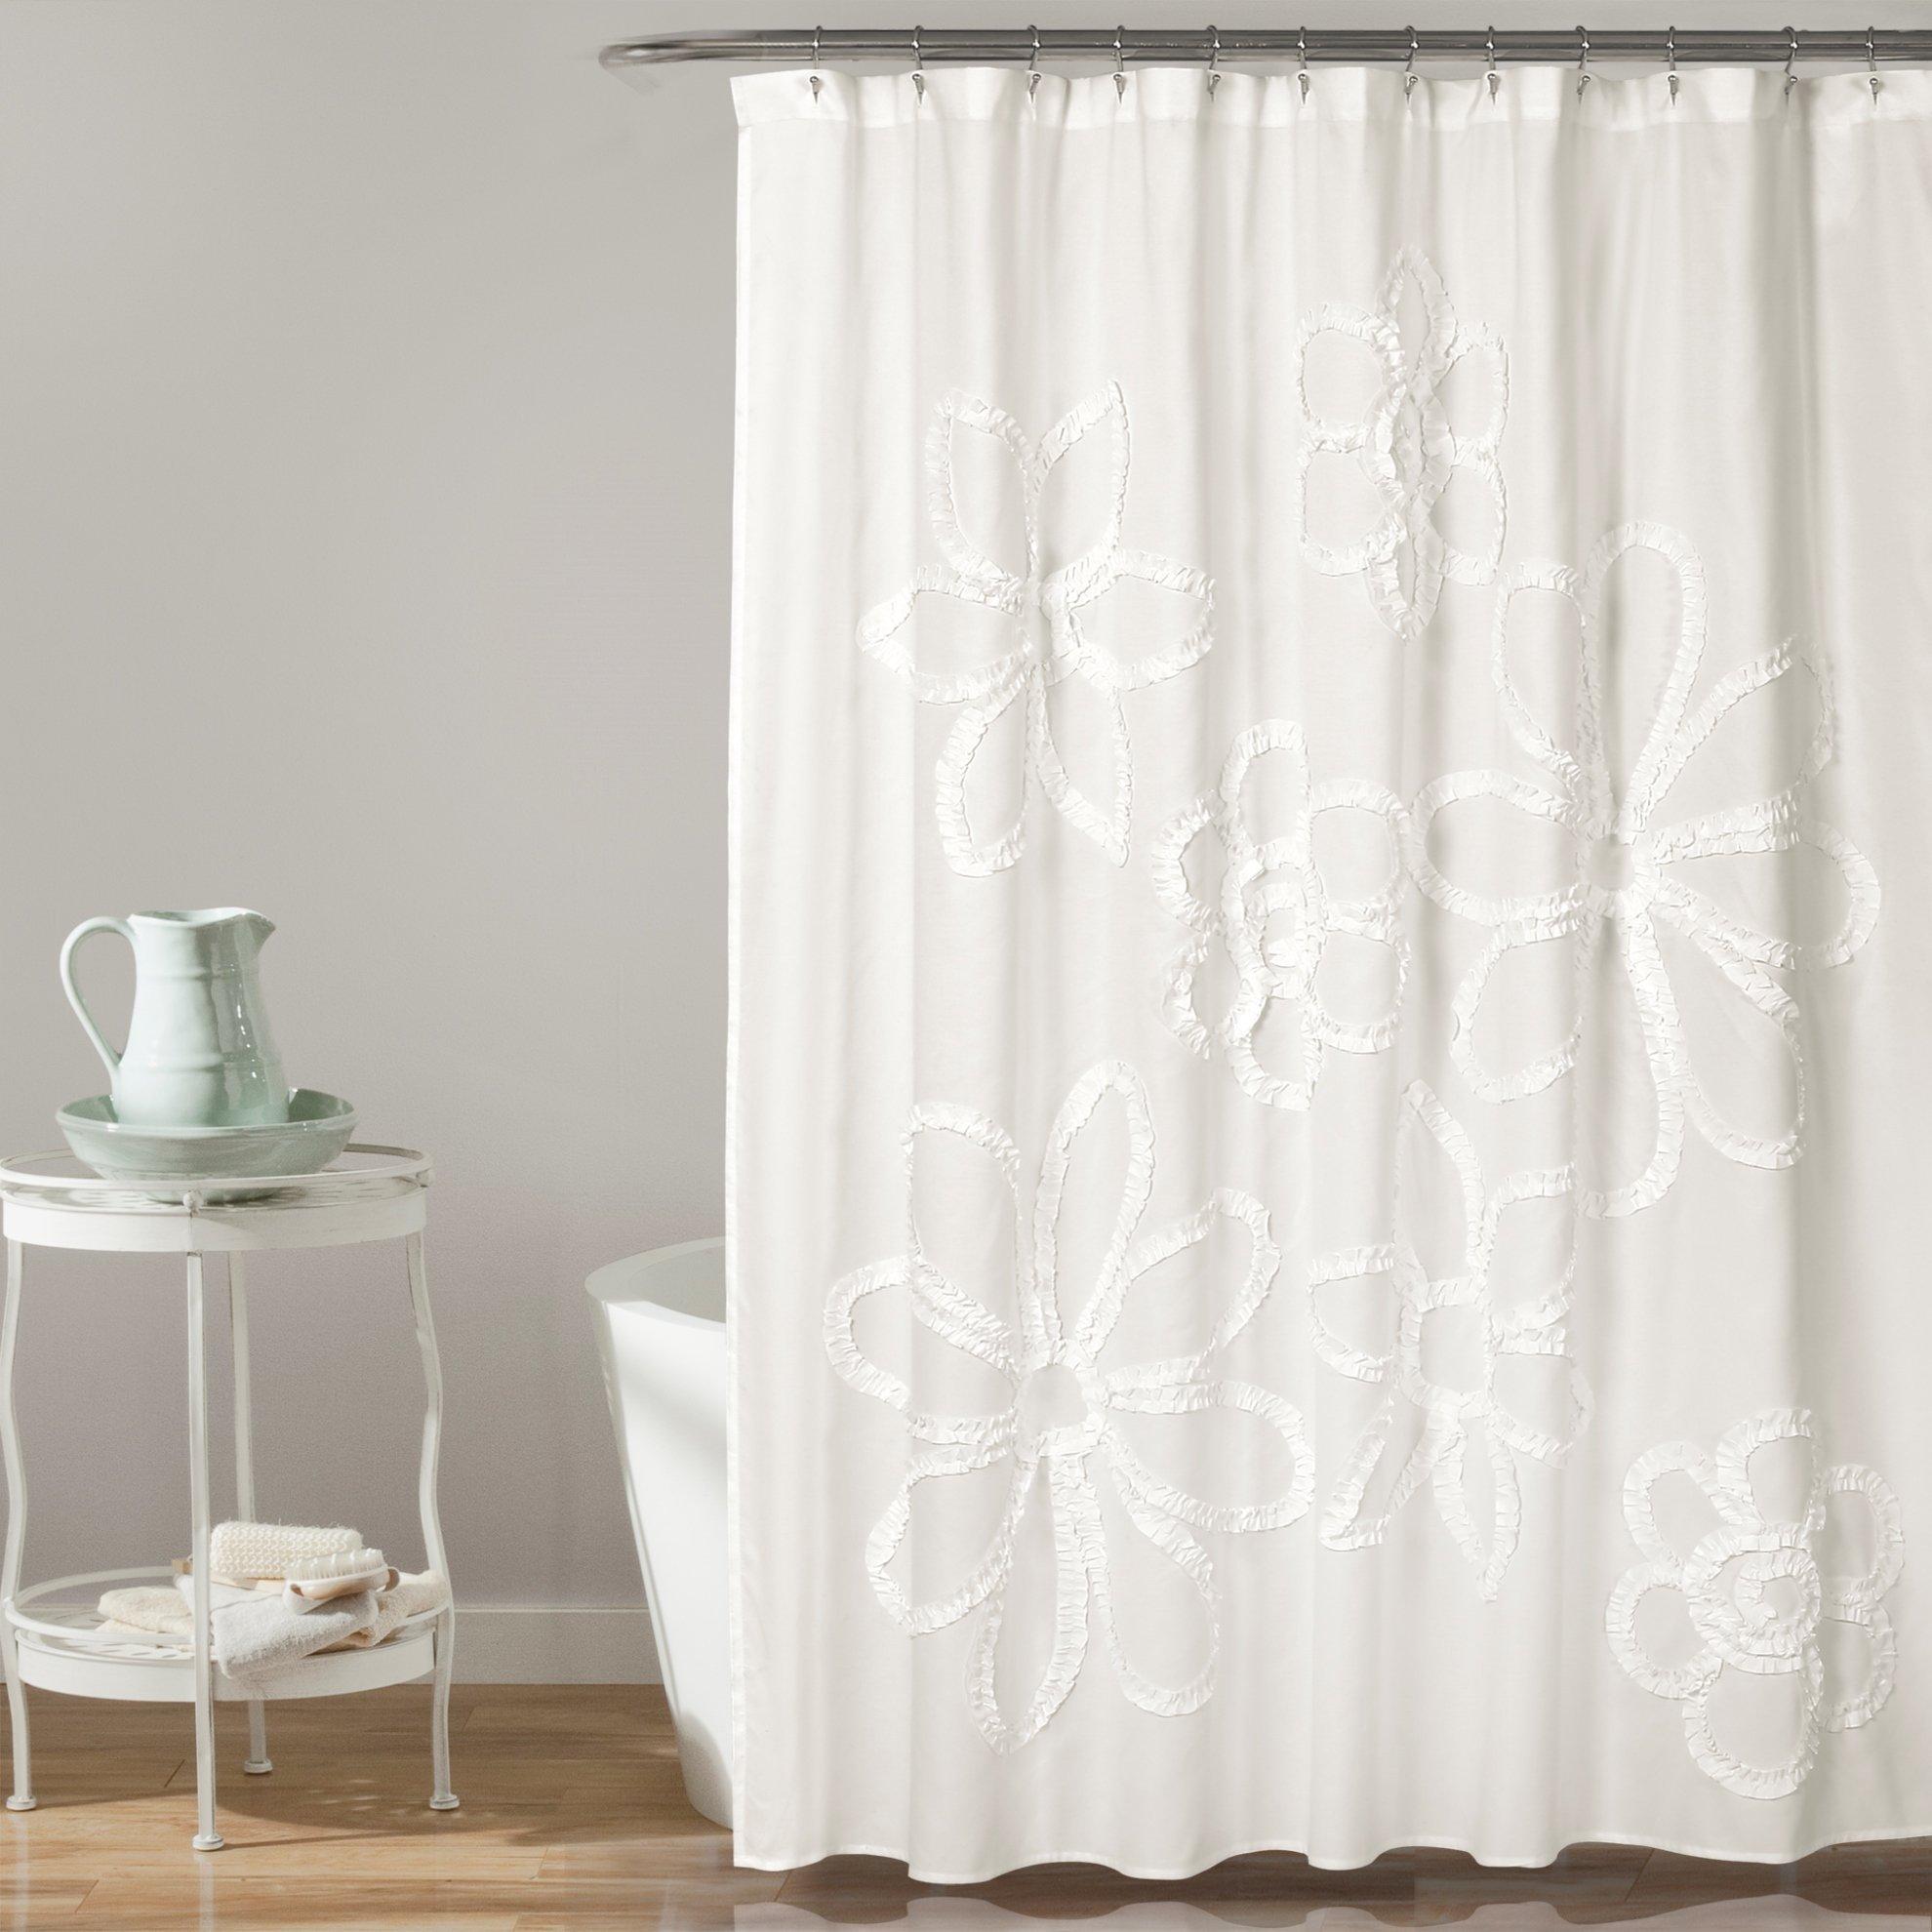 Lush Decor Décor Ruffle Flower Shower Curtain, 72'' x 72'', White